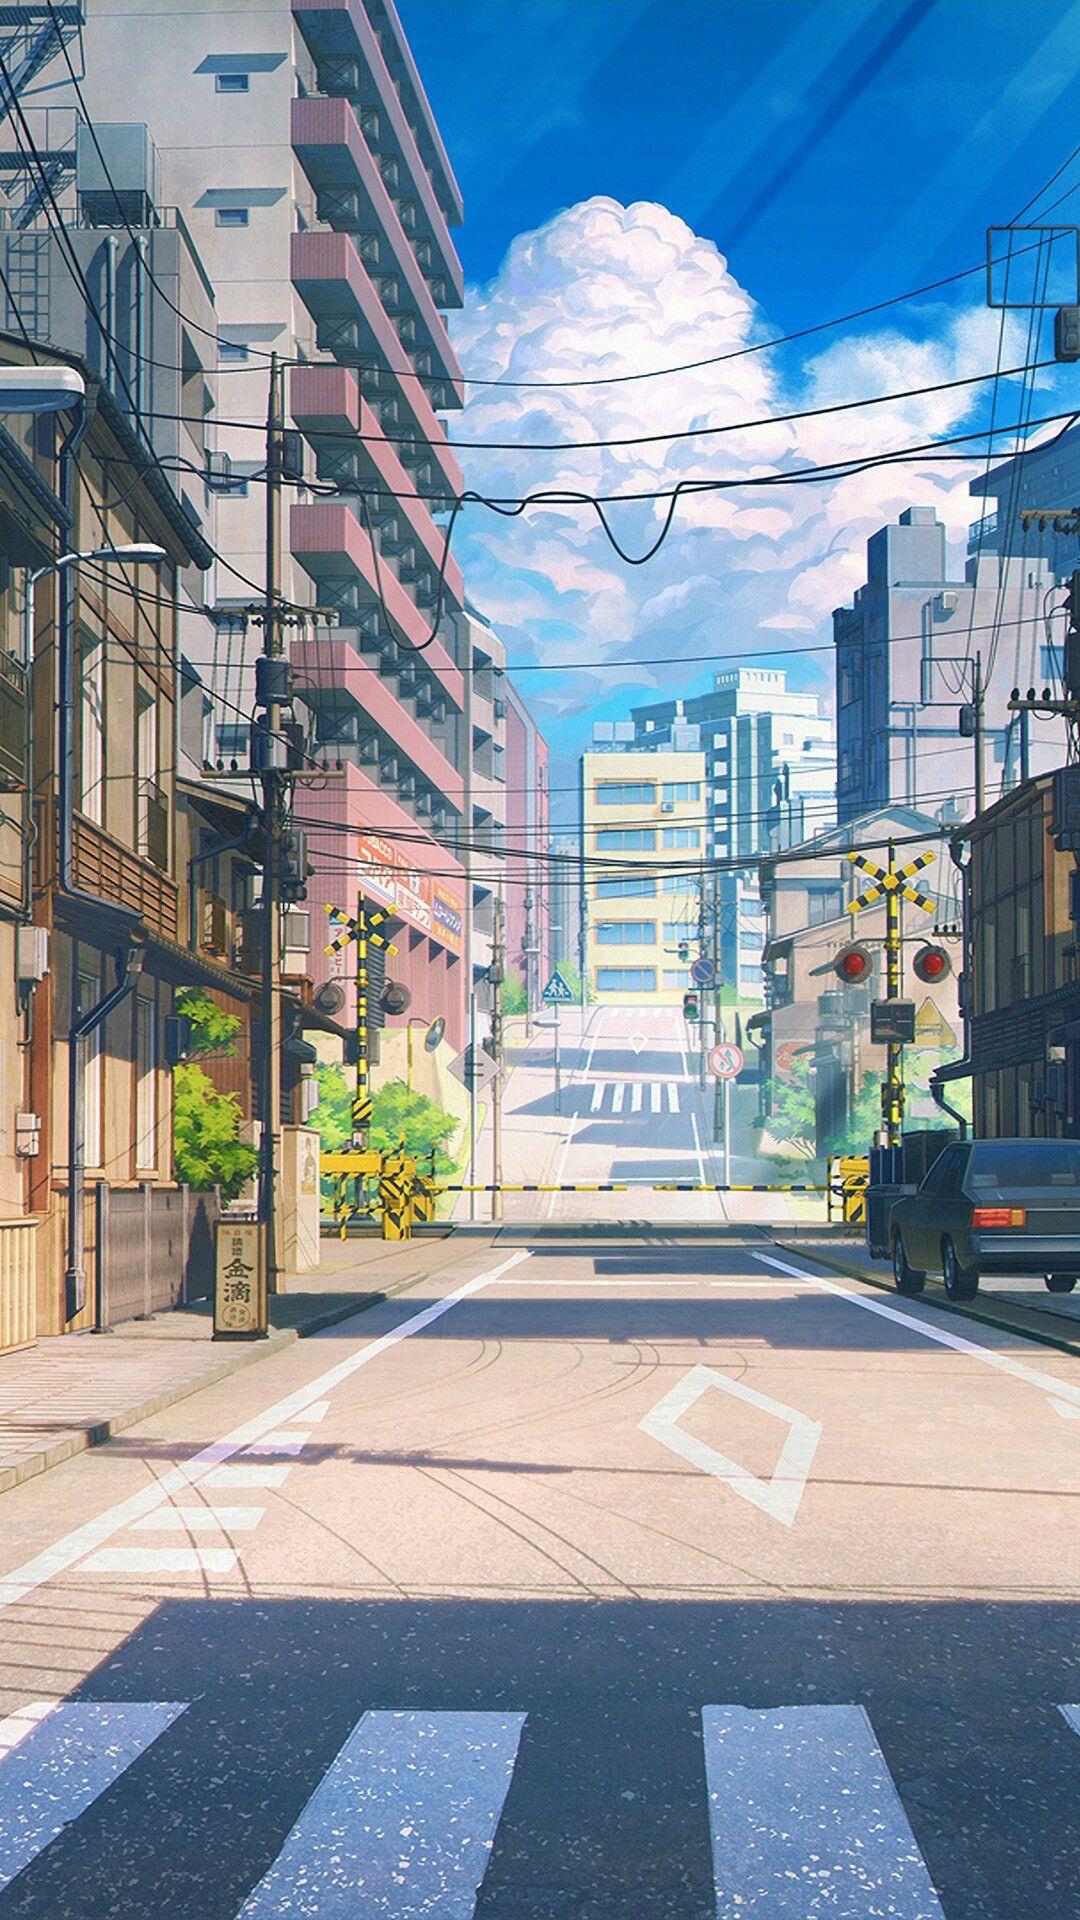 Anime street illustration wallpaper Anime scenery